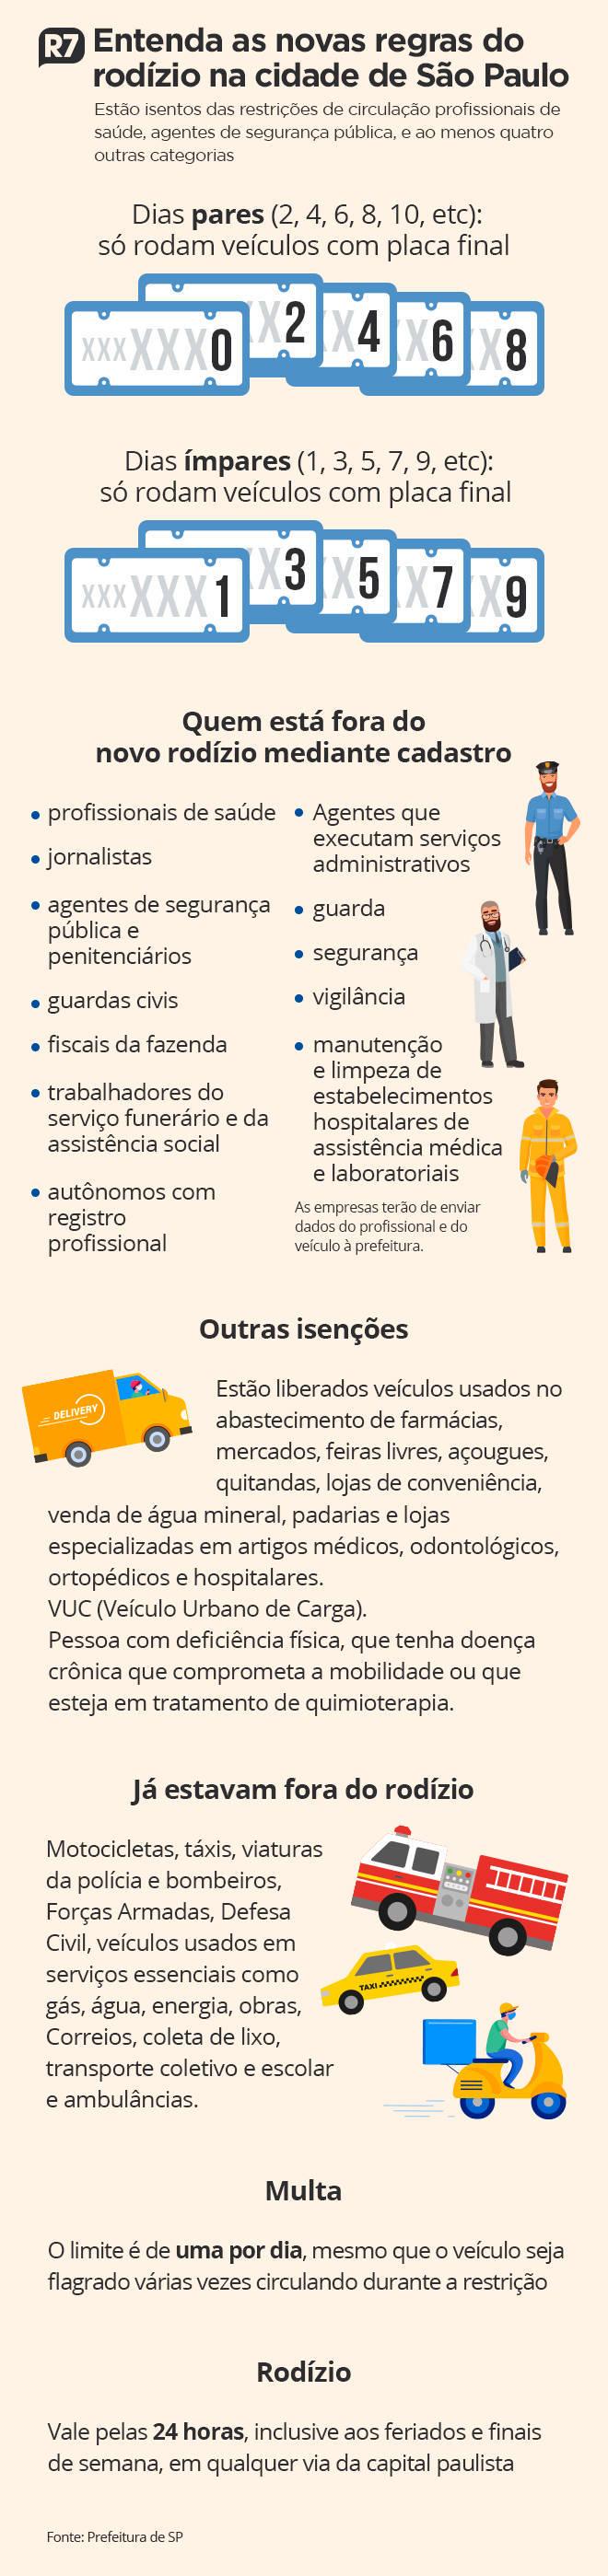 Novas regras do rodízio em São Paulo